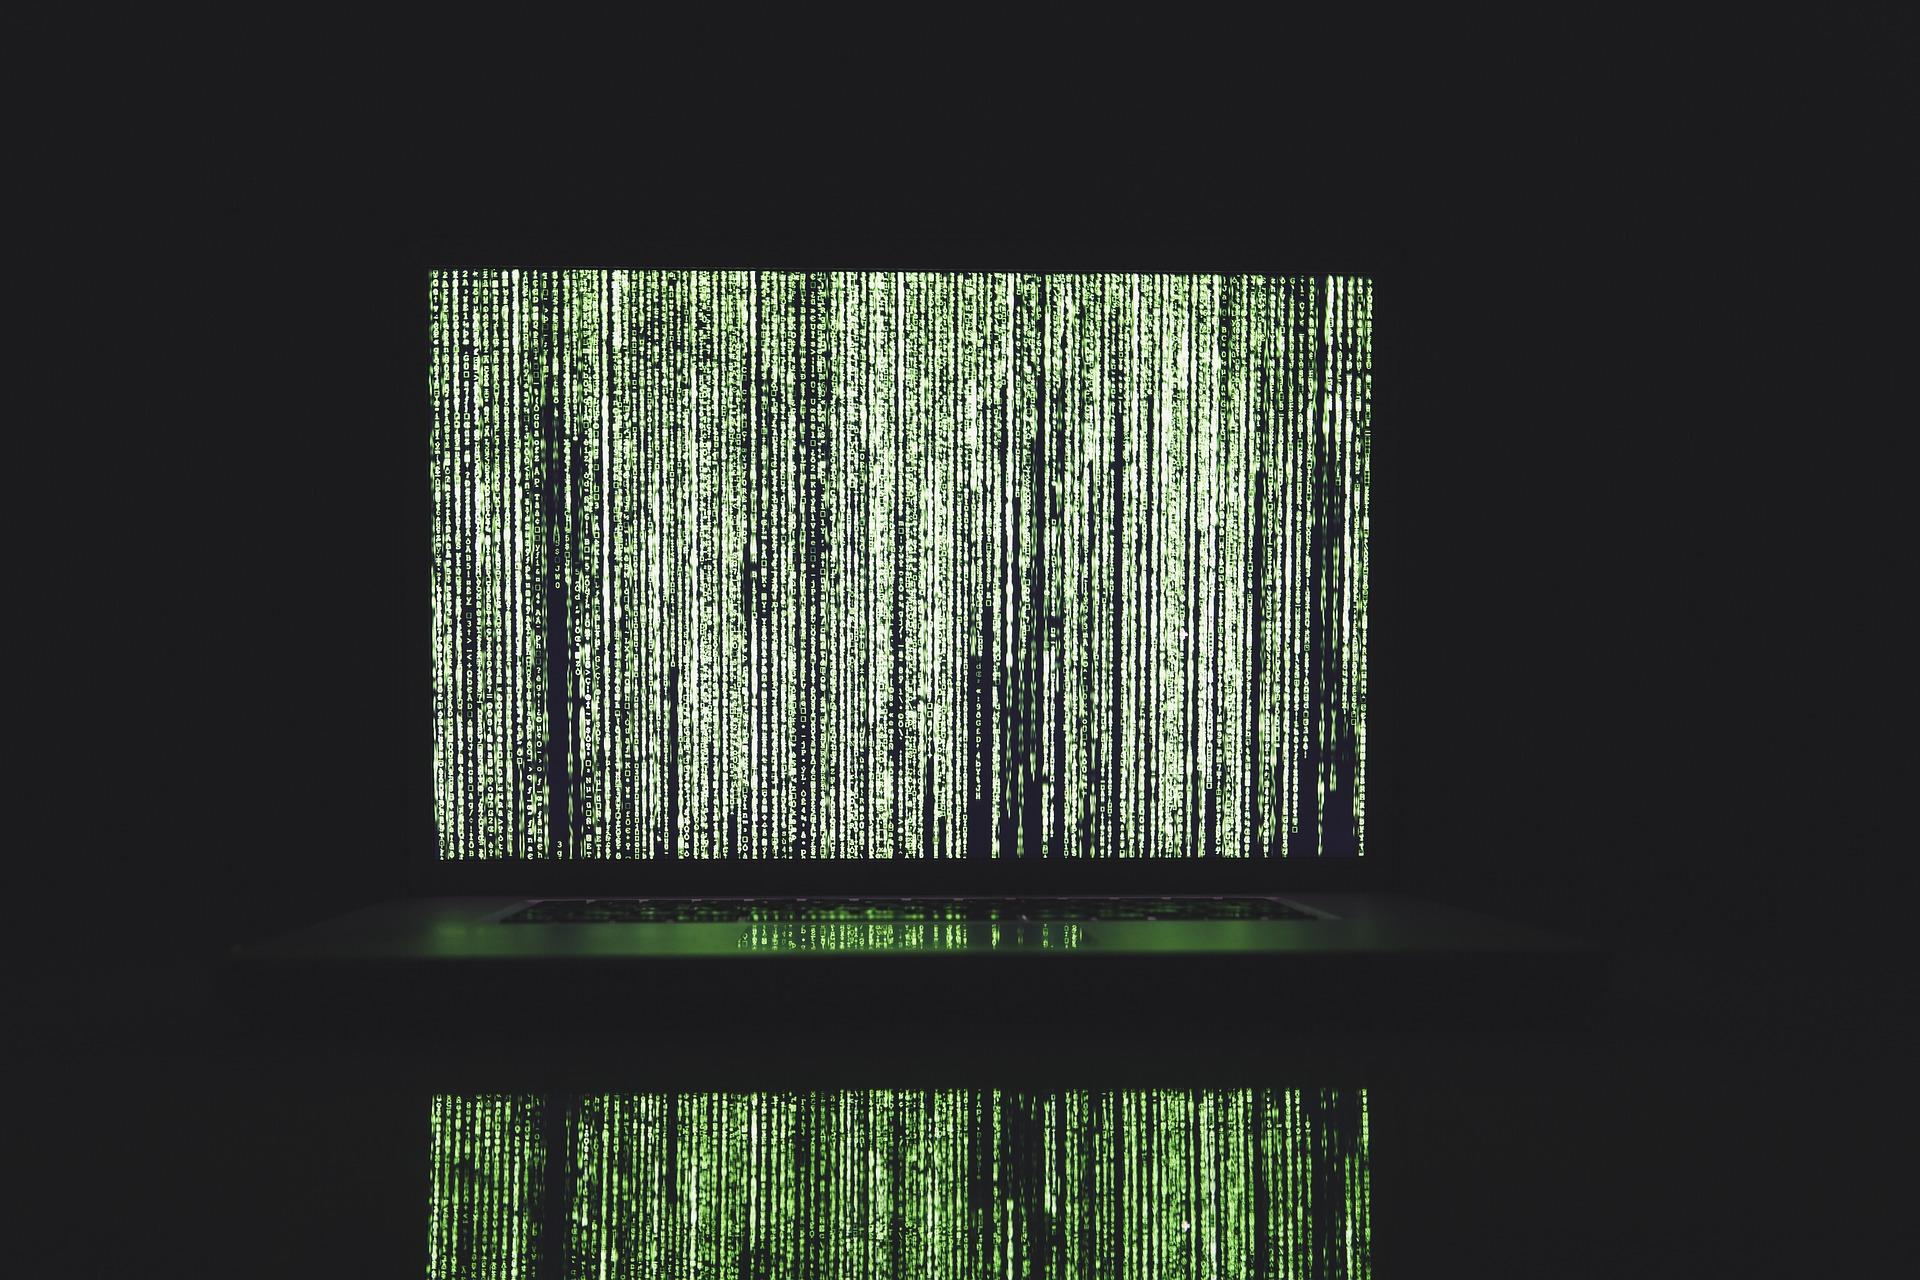 Los riesgos que implica la tecnología y la conectividad del futuro